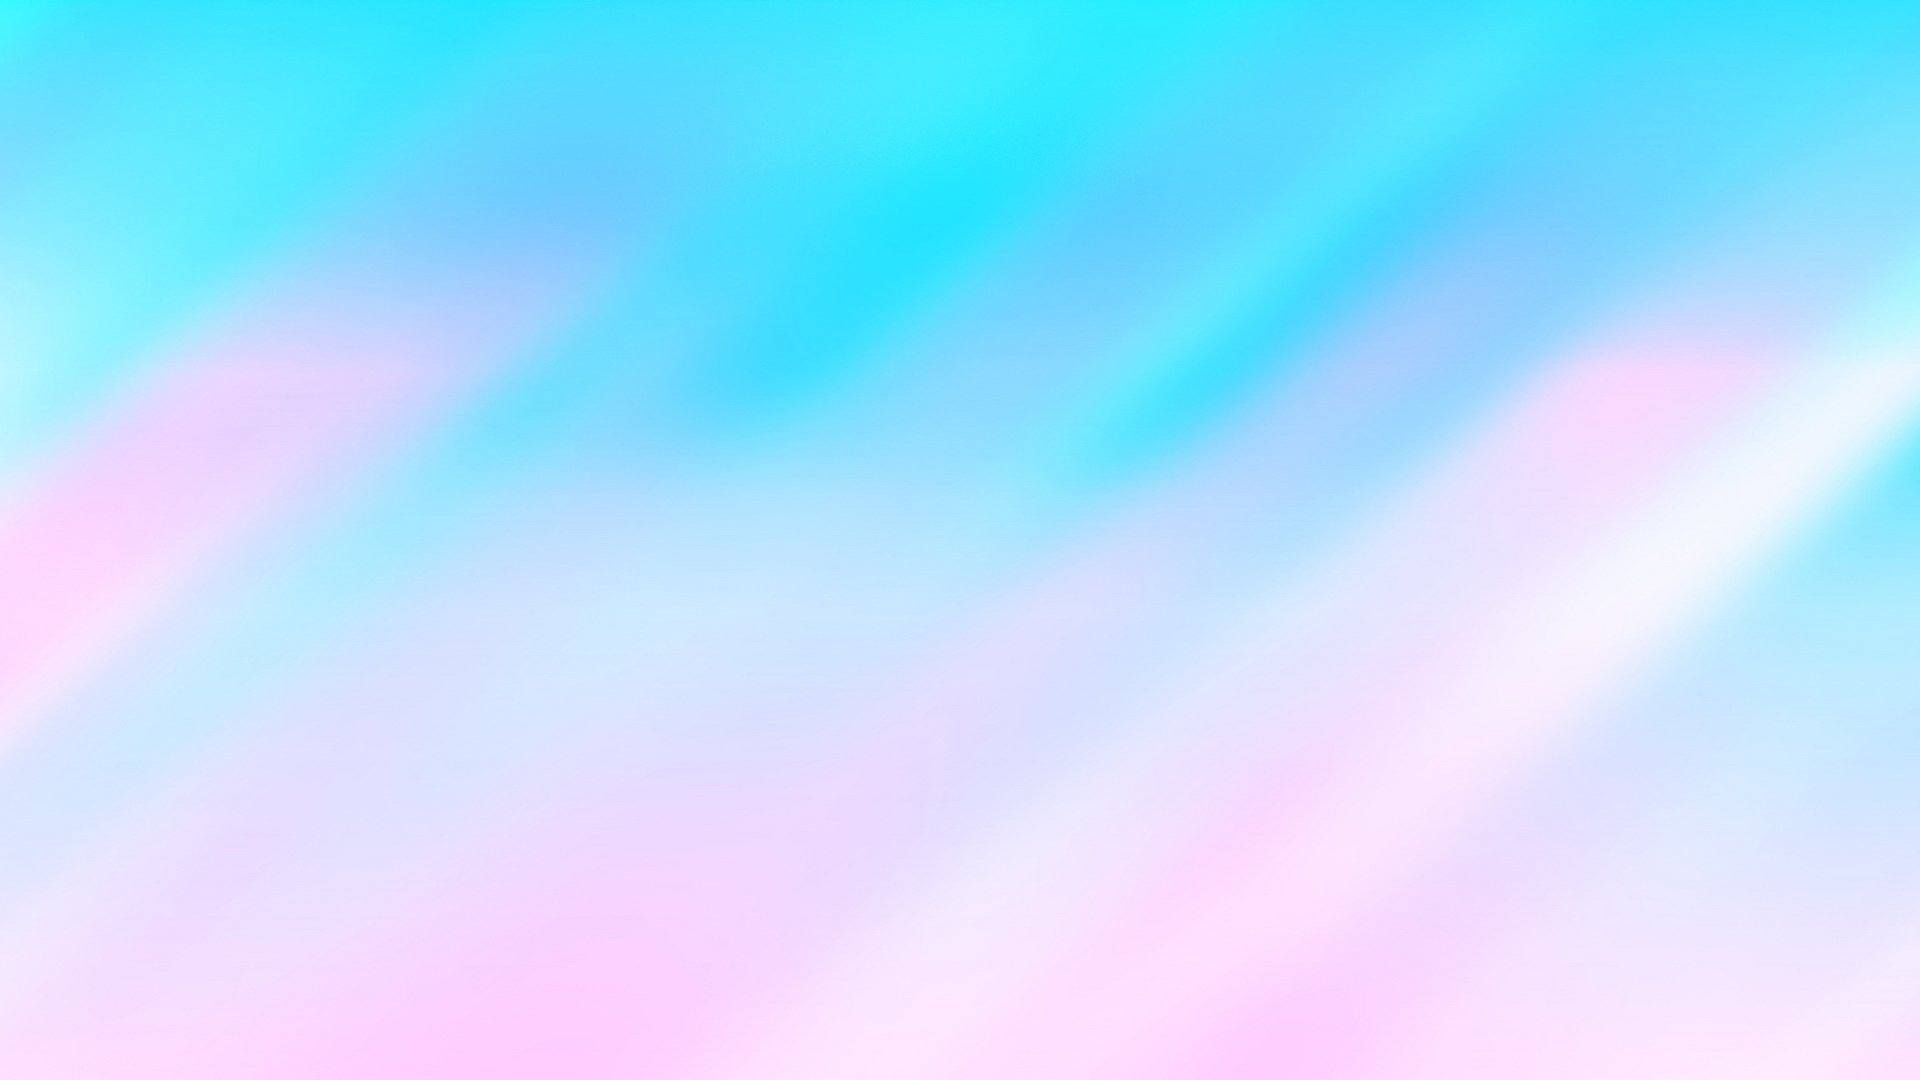 Art ID: 51301